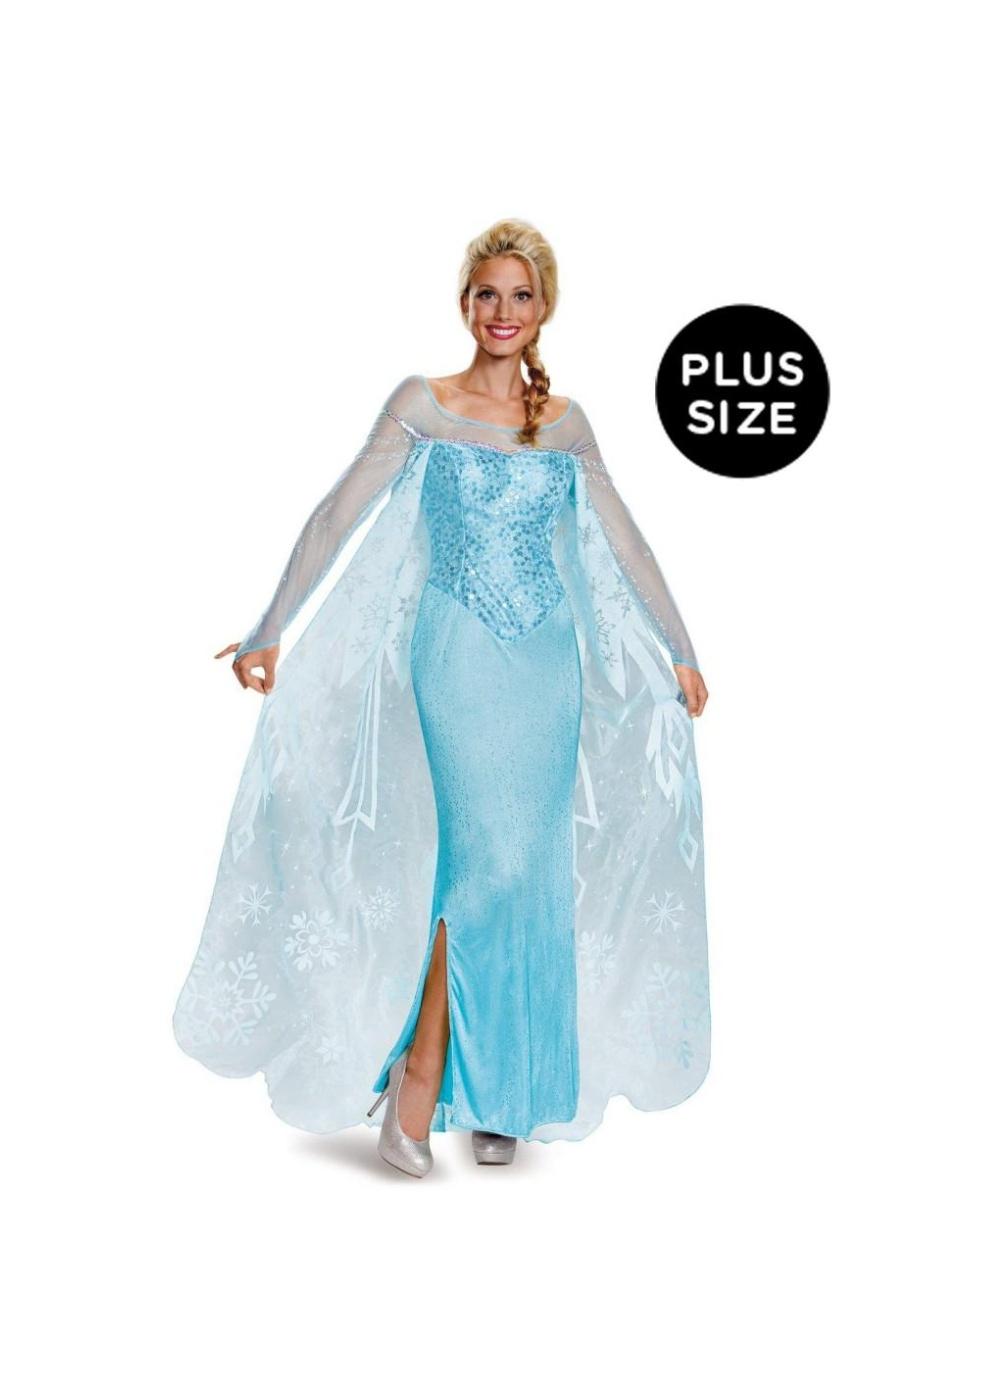 Frozen Elsa Plus Size Costume